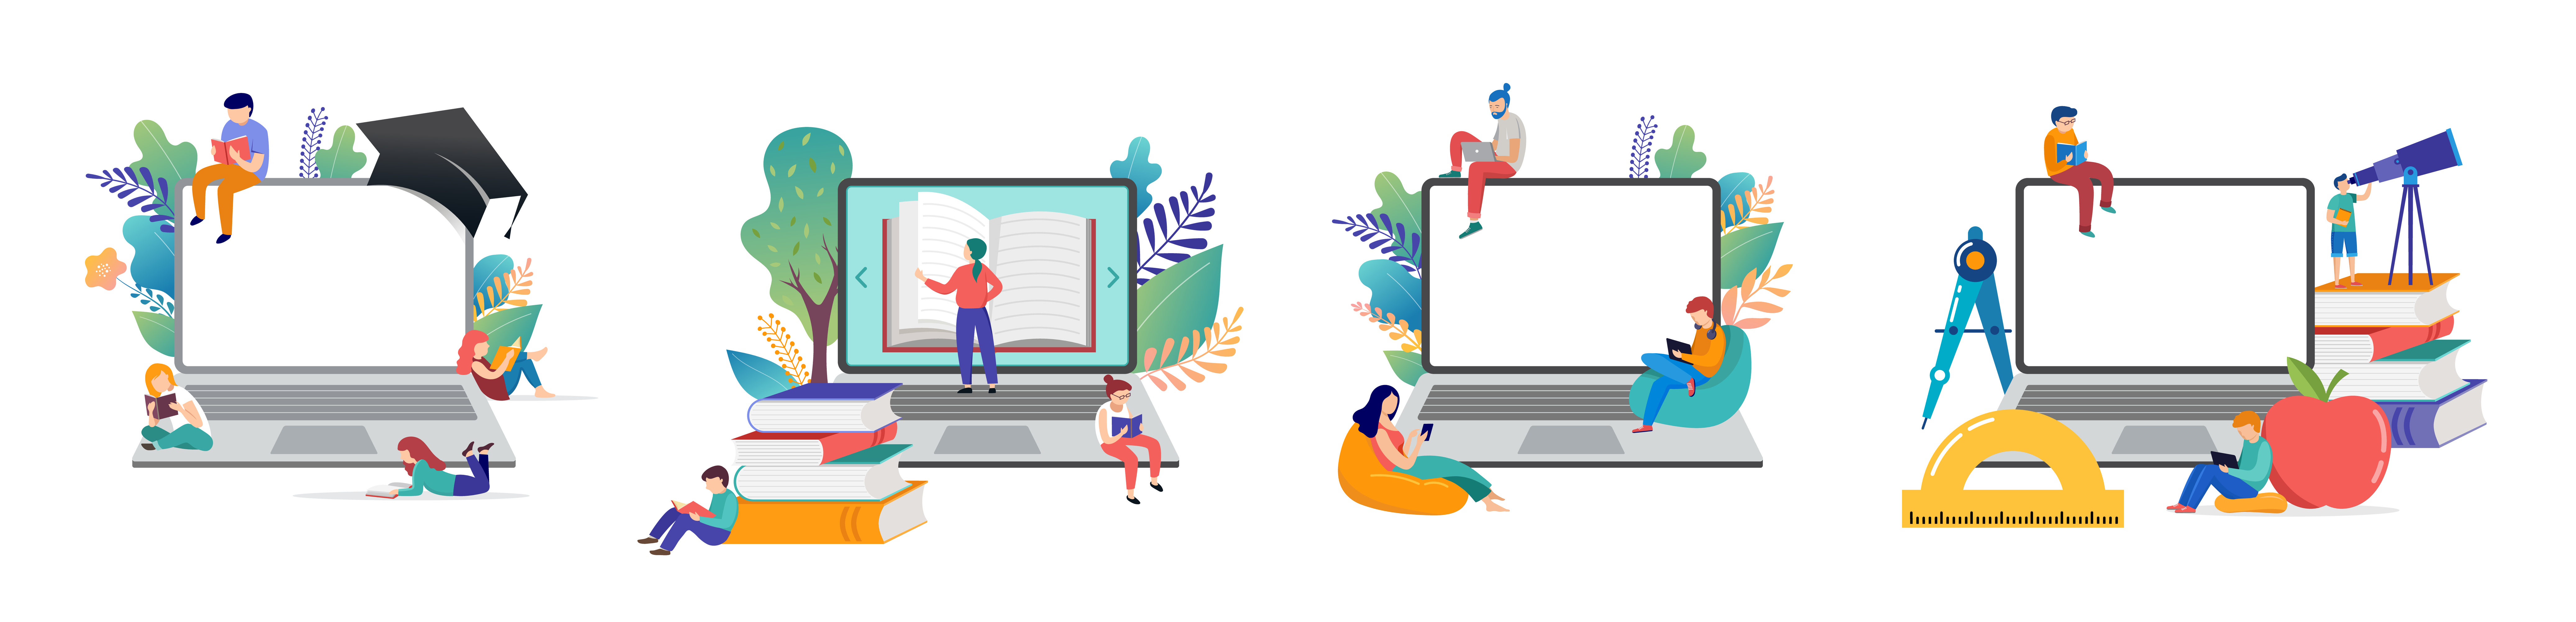 Centres de formation : comment attirer vos candidats grâce au digital ? [+ GUIDE]